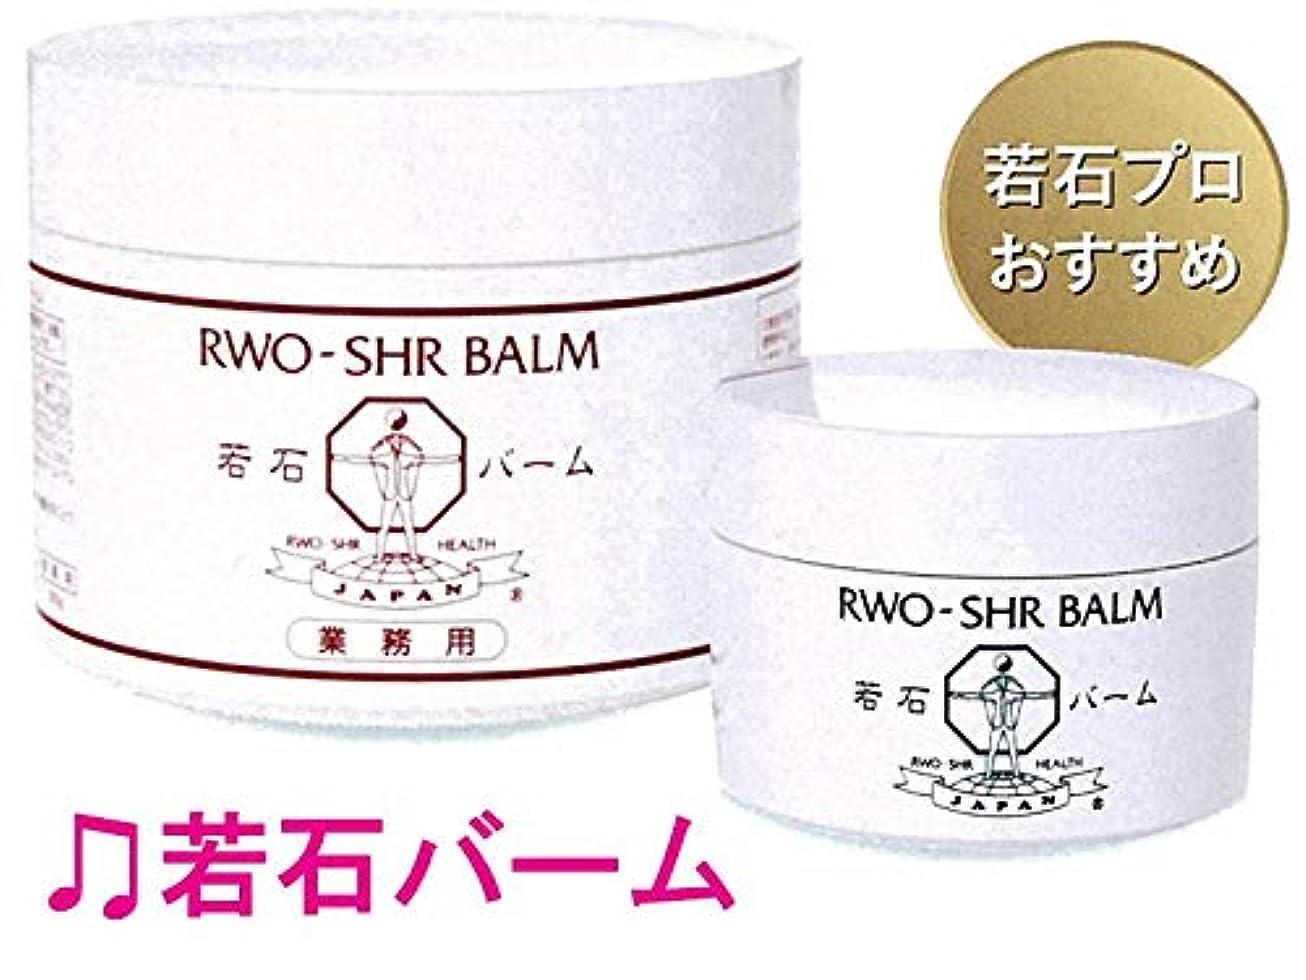 ライム狂ったスライム若石バーム(250g) RWO-SHR BALM 国際若石健康研究会正規品